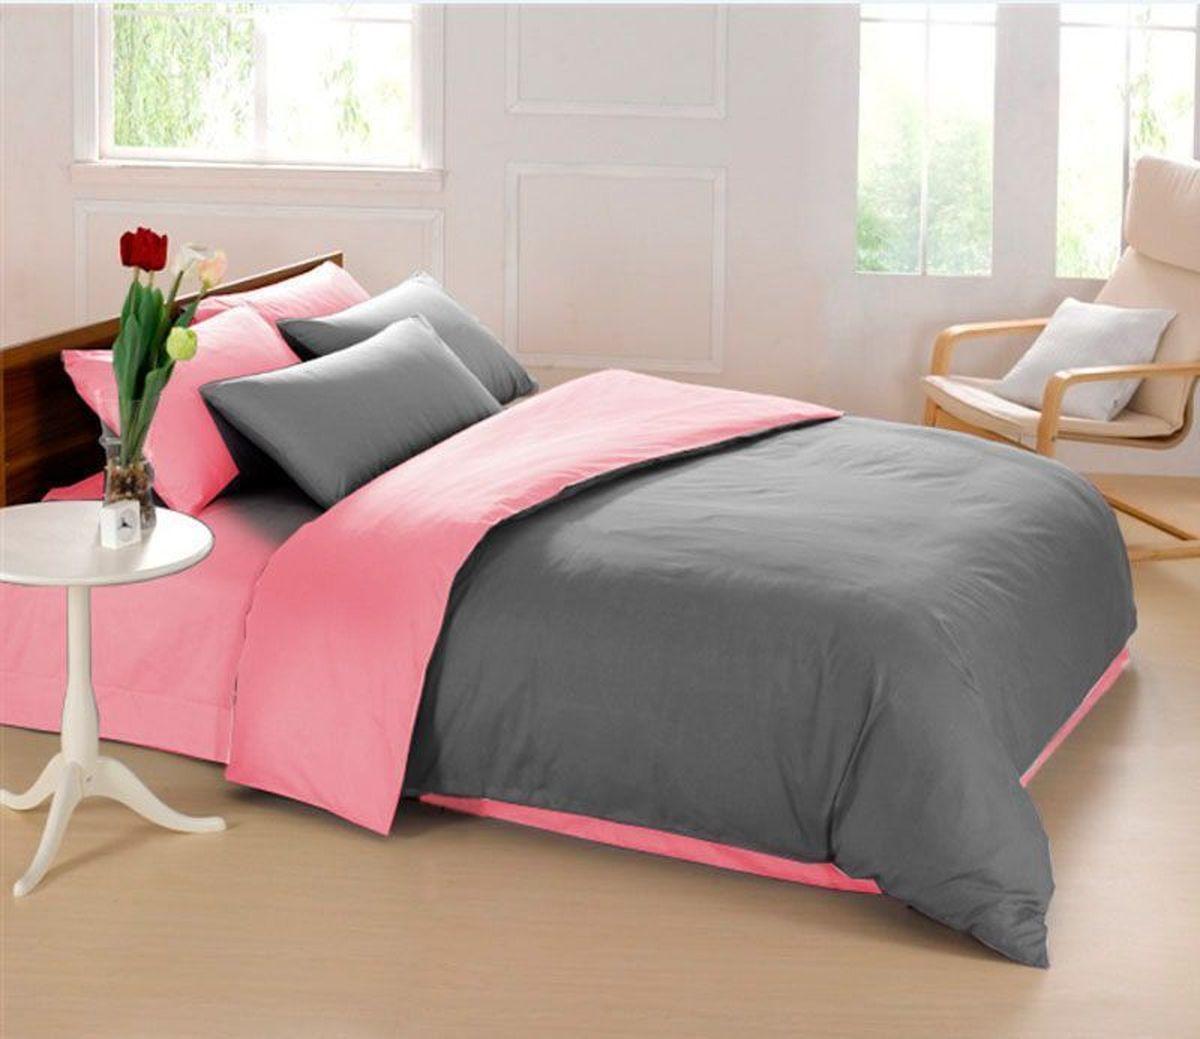 Постельное белье Sleep iX Perfection, семейный, цвет: серый, розовыйpva215419Известно, что цвет напрямую воздействует на психологическое и физическое состояние человека. Специально для наших покупателей мы внесли описание воздействия каждого цвета в комплекты постельного белья Perfection. Серый – нейтральный цвет. Расслабляет, помогает успокоиться и способствует здоровому сну. Усиливает воздействие соседствующих цветов. Розовый – нежный и сентиментальный цвет. Обеспечивает здоровый сон, способствует мышечному расслаблению, успокаивает нервную систему. Производитель: Sleep iX Материал: Микрофреш (100 г/м2) Состав материала: 100% микрофибра Размер: Семейное (2 пододеял.) Размер пододеяльника: 150х220 см Тип застежки на пододеяльнике: Молния (100 см) Размер простыни: 220х240 (обычная) Размер наволочек: 50х70 и 70х70 (по 2 шт) Тип застежки на наволочках: Клапан (20 см) Упаковка комплекта: Подарочная Коробка Cтрана производства: Китай Расположение цветов на комплекте постельного белья полностью соответствует...